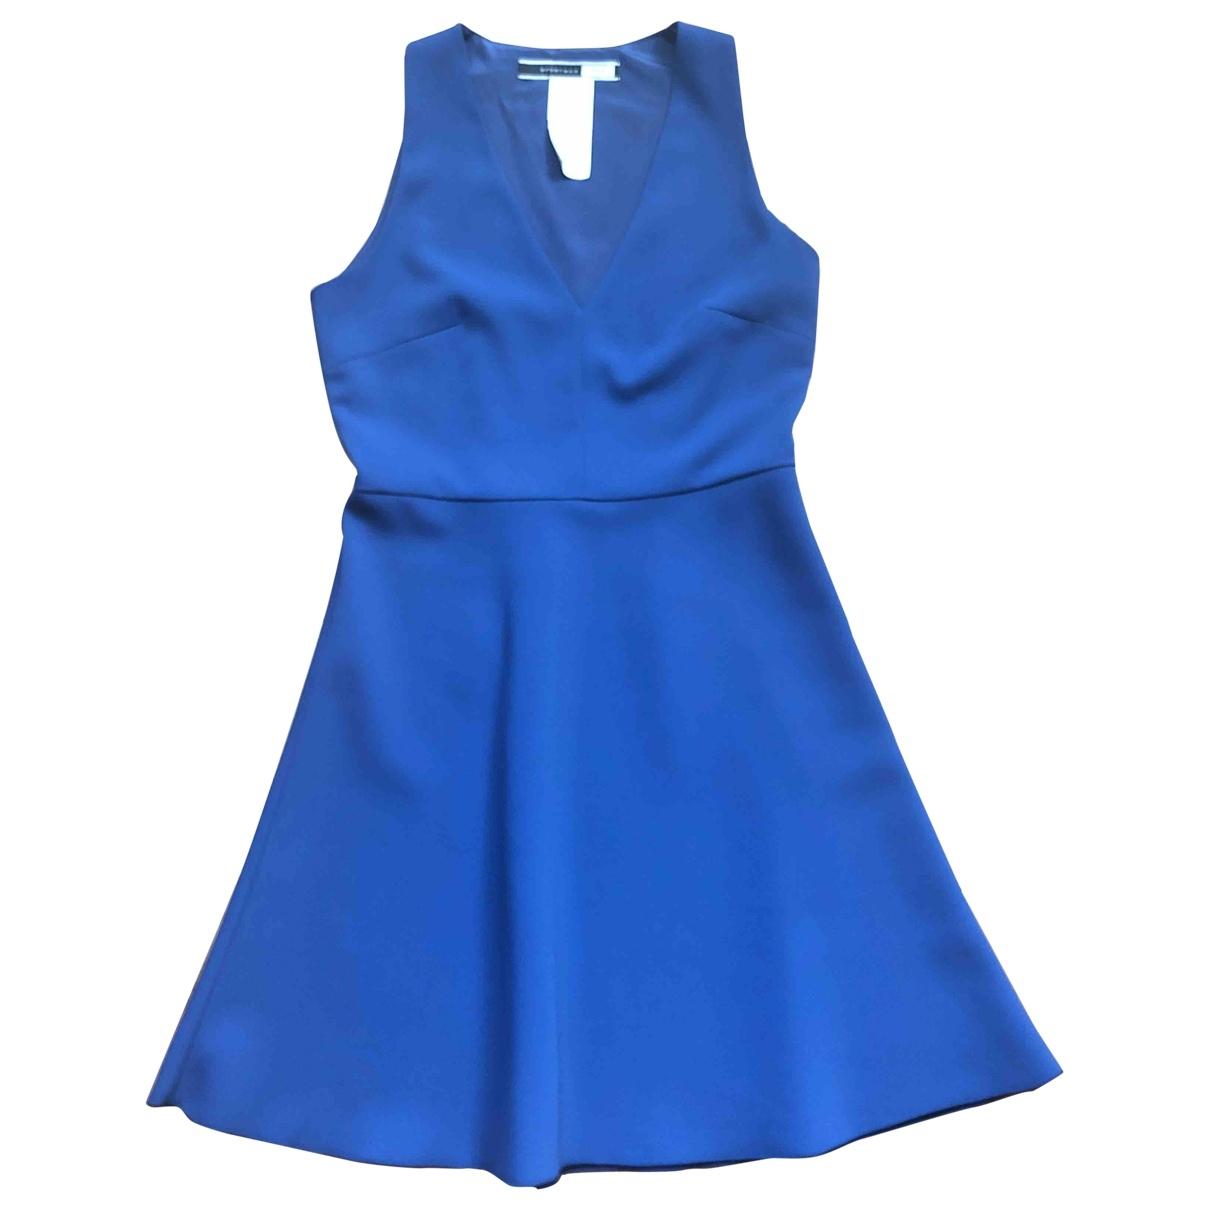 Sport Max \N Blue dress for Women 38 IT